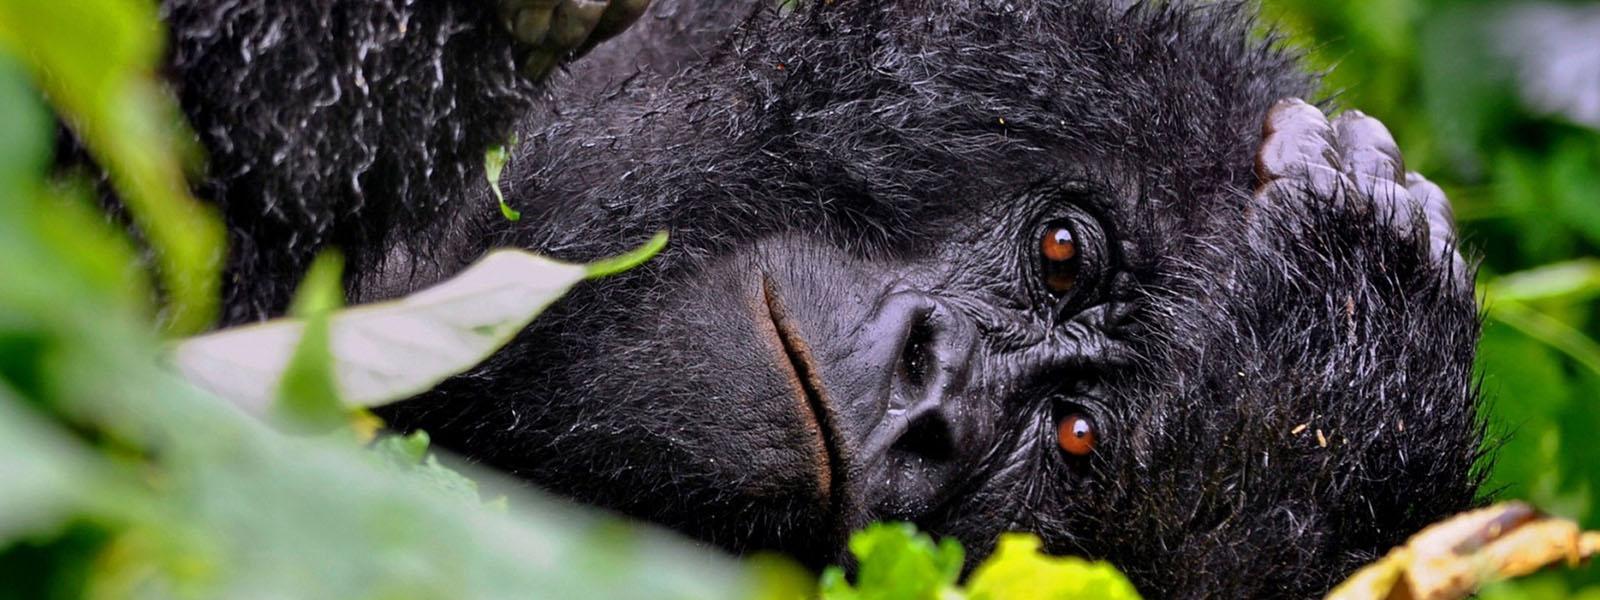 Gorilla Trekking Congo